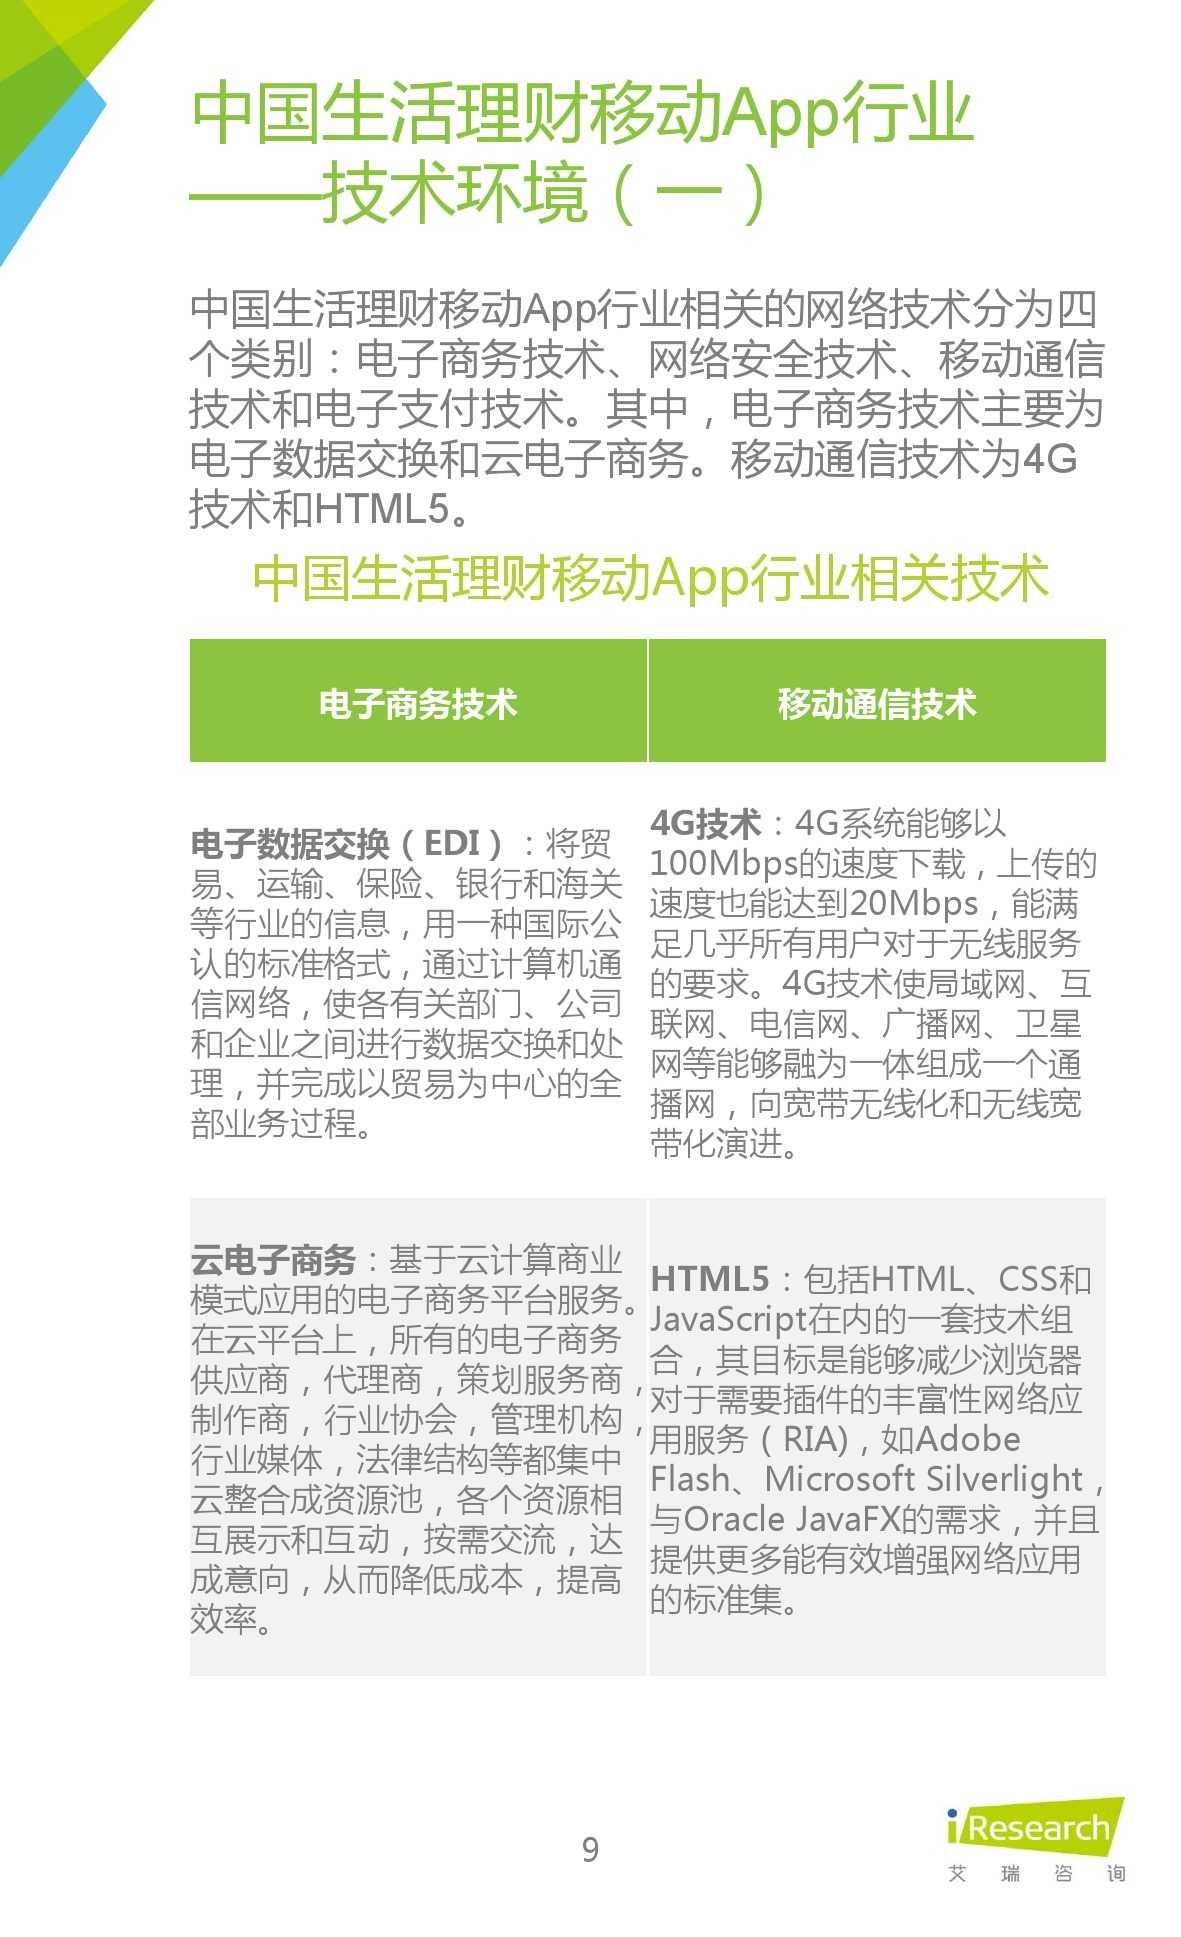 2015年中国生活理财移动App行业研究报告_000009